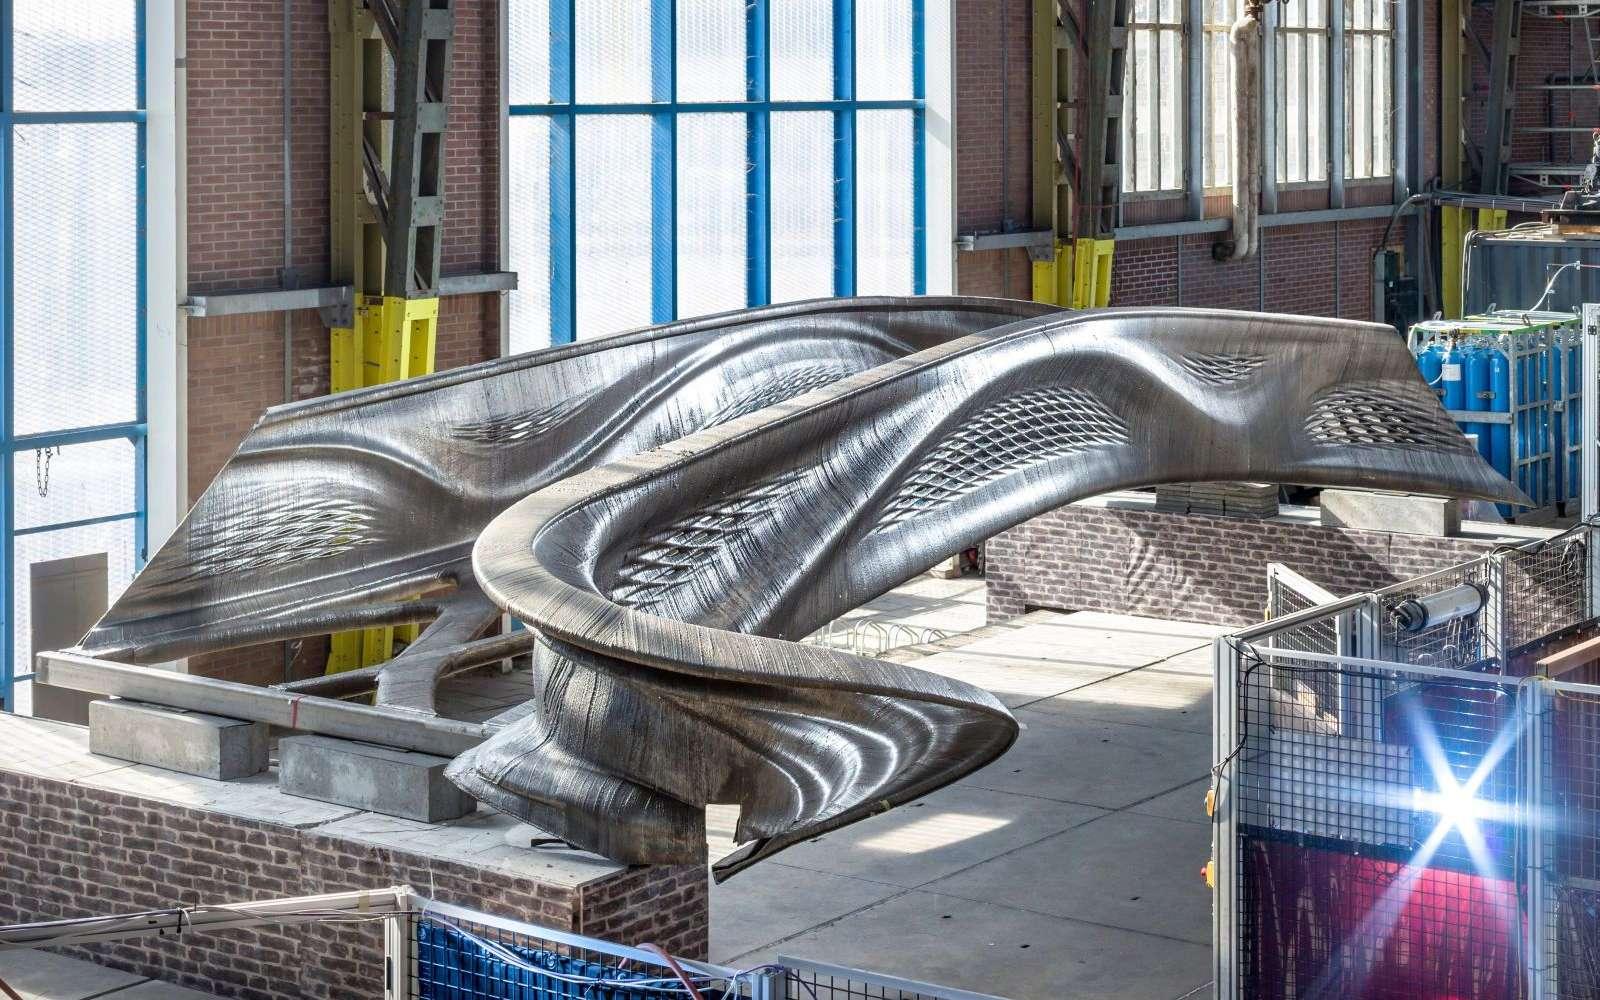 Ce pont en inox imprimé en 3D est une première mondiale. © MX3D